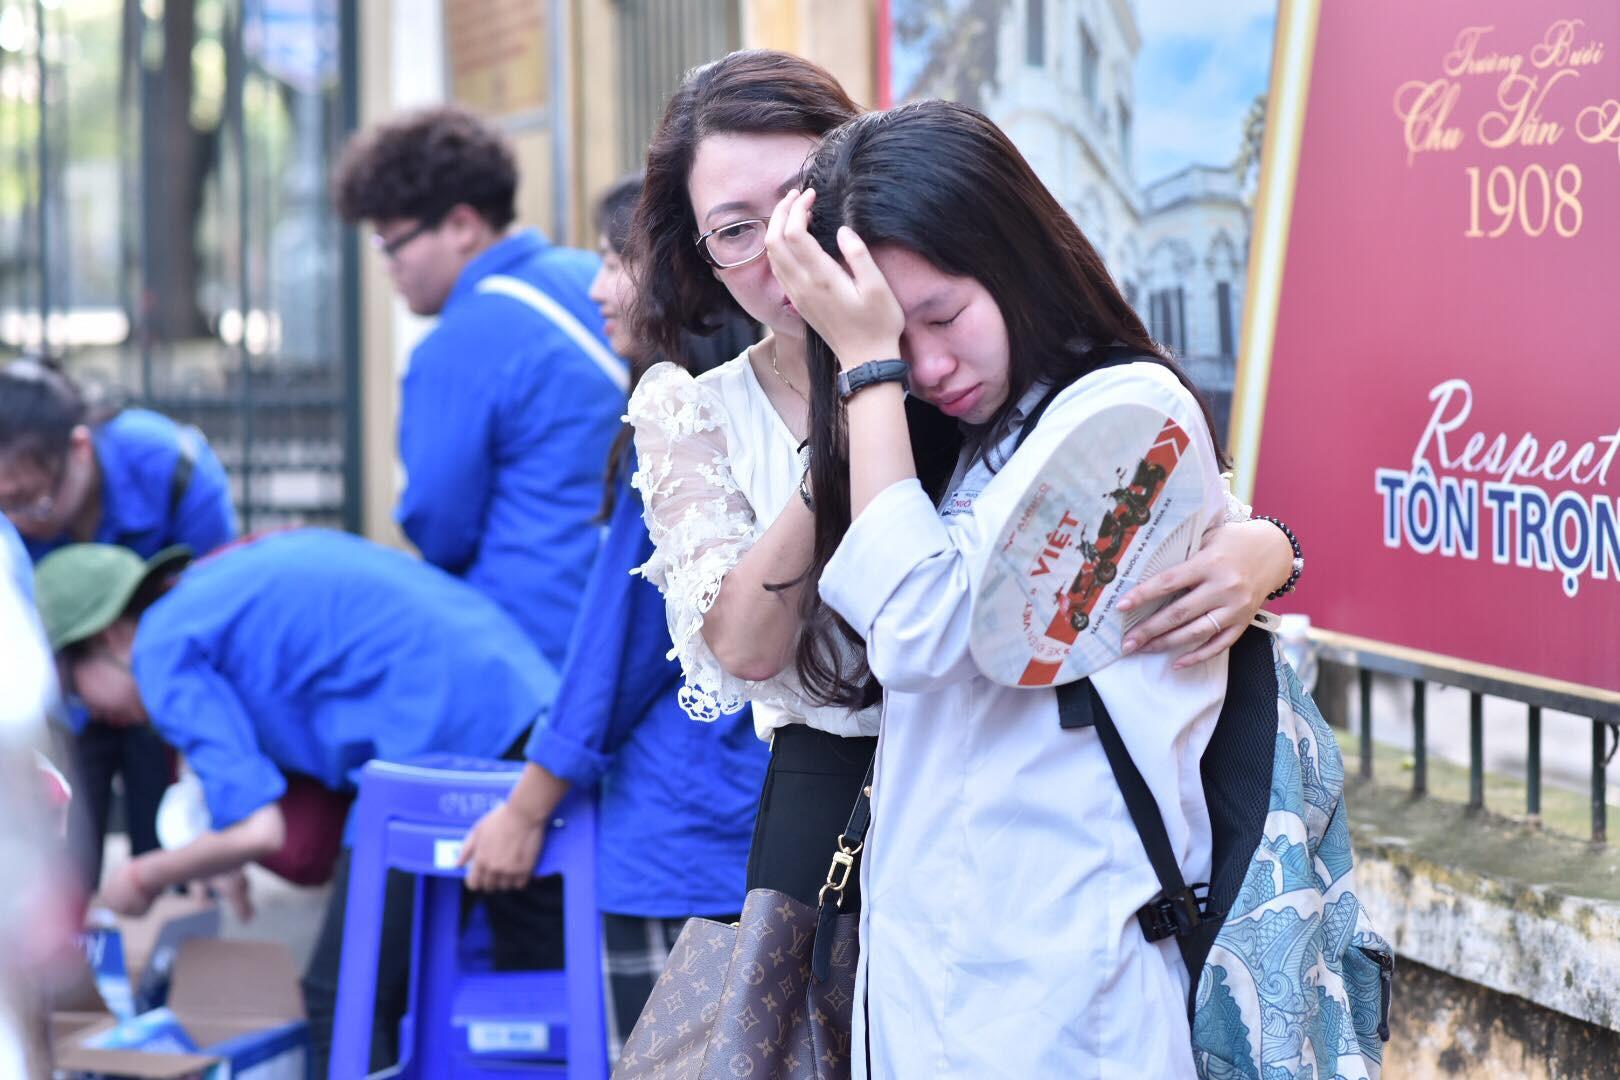 Hàng loạt thí sinh và phụ huynh bật khóc nức nở ngoài cổng trường thi vì không làm được bài - Ảnh 13.